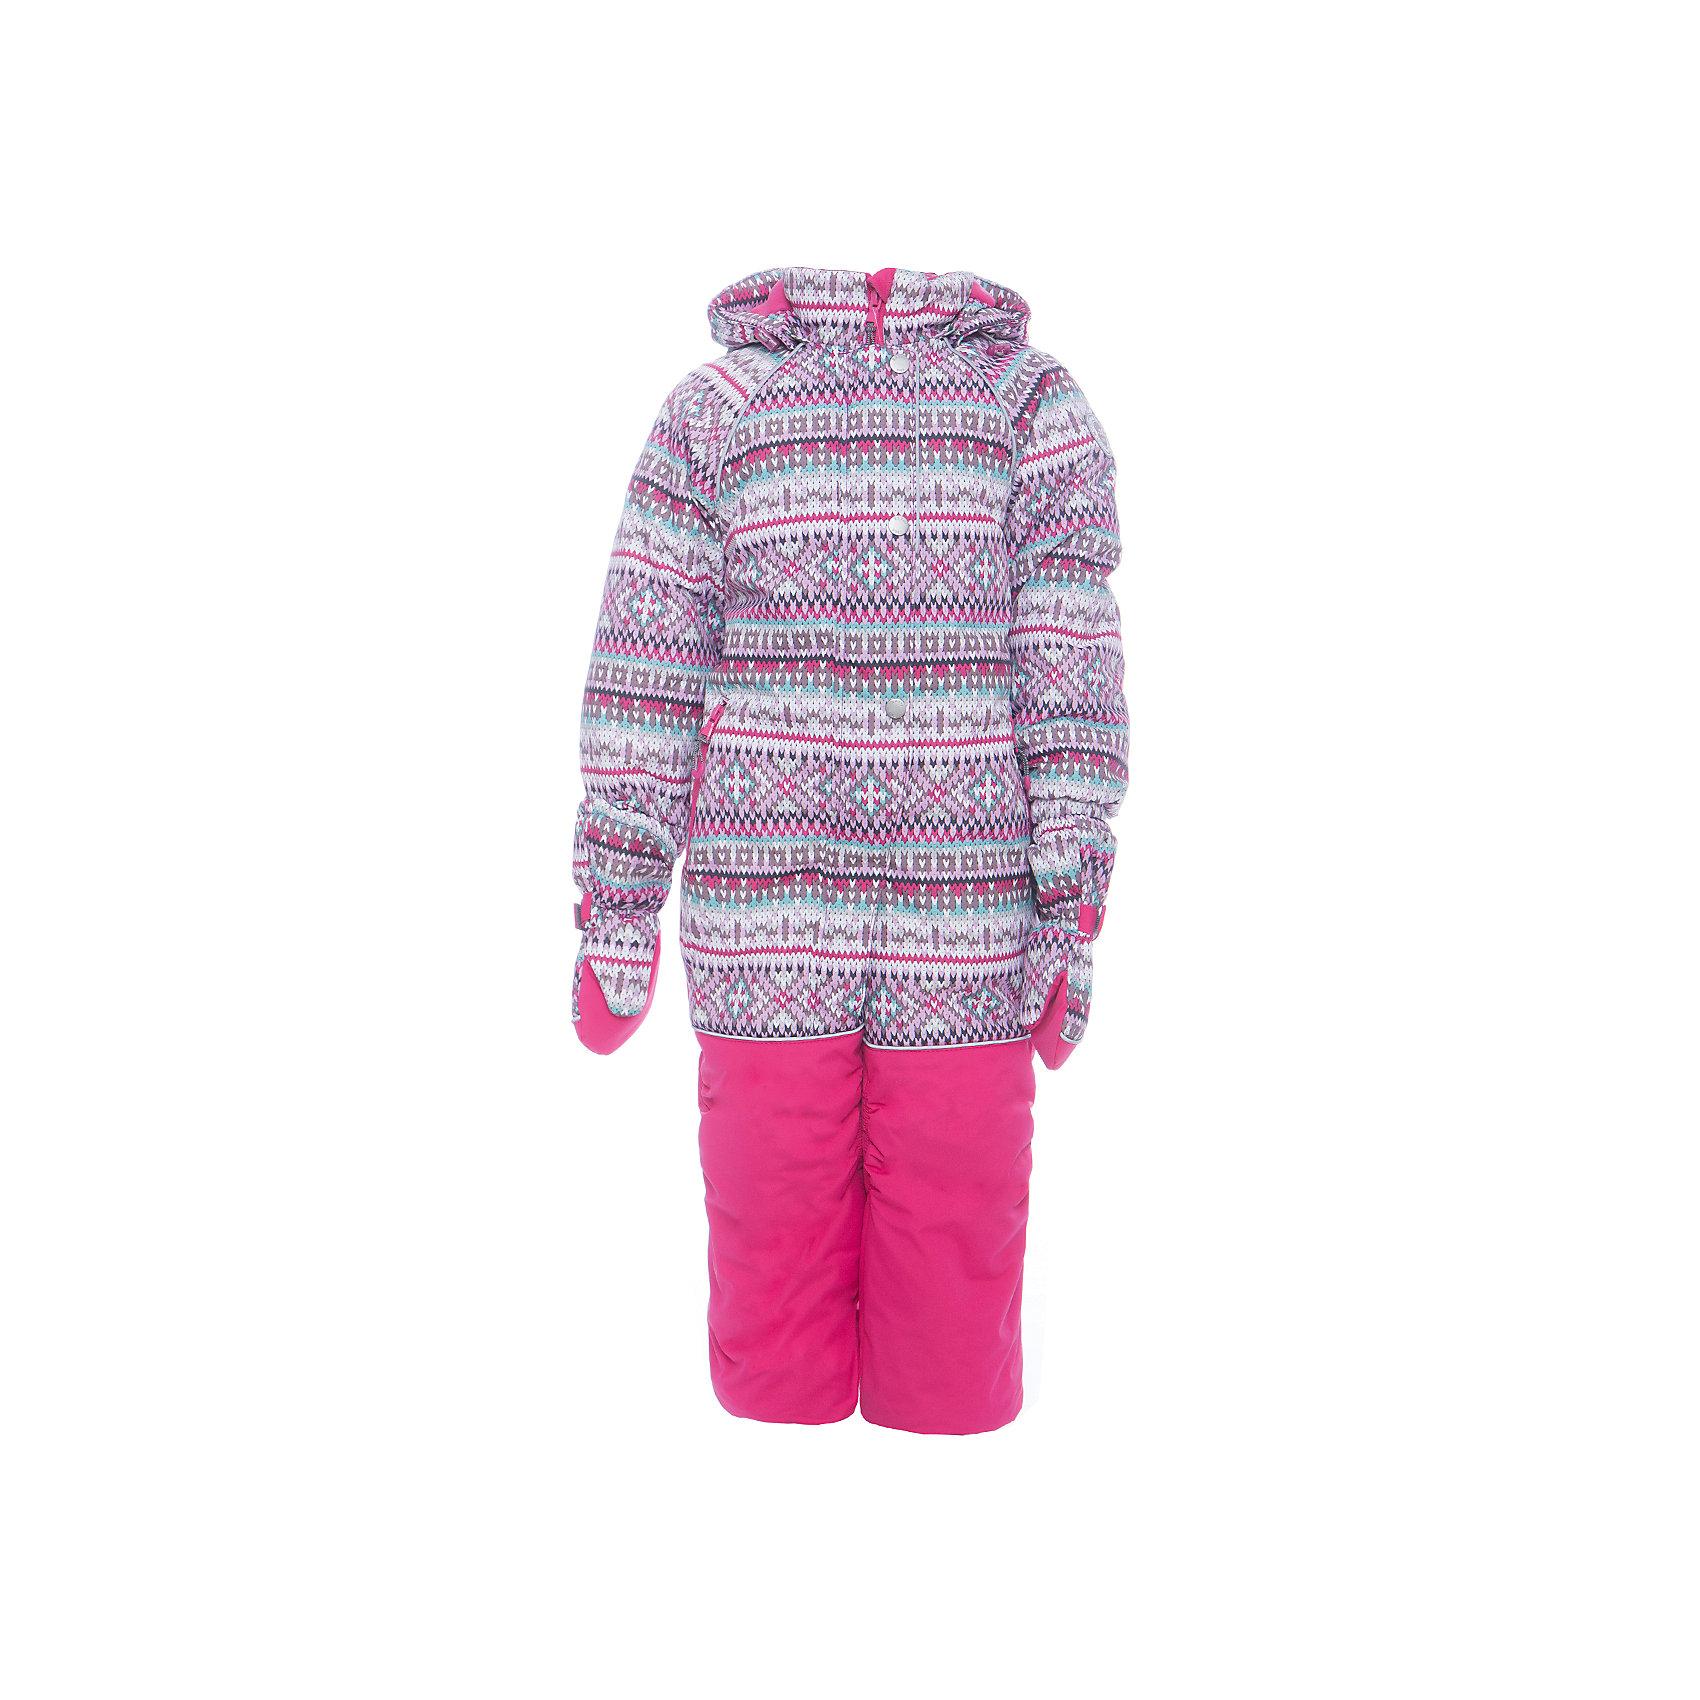 Комбинезон Тина Batik для девочкиВерхняя одежда<br>Характеристики товара:<br><br>• цвет: розовый<br>• состав ткани: таслан<br>• подкладка: поларфлис<br>• утеплитель: слайтекс<br>• сезон: зима<br>• мембранное покрытие<br>• температурный режим: от -35 до 0<br>• водонепроницаемость: 5000 мм <br>• паропроницаемость: 5000 г/м2<br>• плотность утеплителя: 300 г/м2<br>• застежка: молния<br>• капюшон: съемный, без меха<br>• краги<br>• съемные силиконовые штрипки<br>• страна бренда: Россия<br>• страна изготовитель: Россия<br><br>Яркий комбинезон снабжен крагами и капюшоном. Детский зимний комбинезон дополнен также силиконовыми штрипками и удобной молнией с планкой от ветра. Верх детского комбинезона надежно защищает от холода и влаги. Подкладка комбинезона для девочки мягкая и теплая.<br><br>Комбинезон Тина Batik (Батик) для девочки можно купить в нашем интернет-магазине.<br><br>Ширина мм: 356<br>Глубина мм: 10<br>Высота мм: 245<br>Вес г: 519<br>Цвет: розовый<br>Возраст от месяцев: 36<br>Возраст до месяцев: 48<br>Пол: Женский<br>Возраст: Детский<br>Размер: 104,86,92,98<br>SKU: 7028081